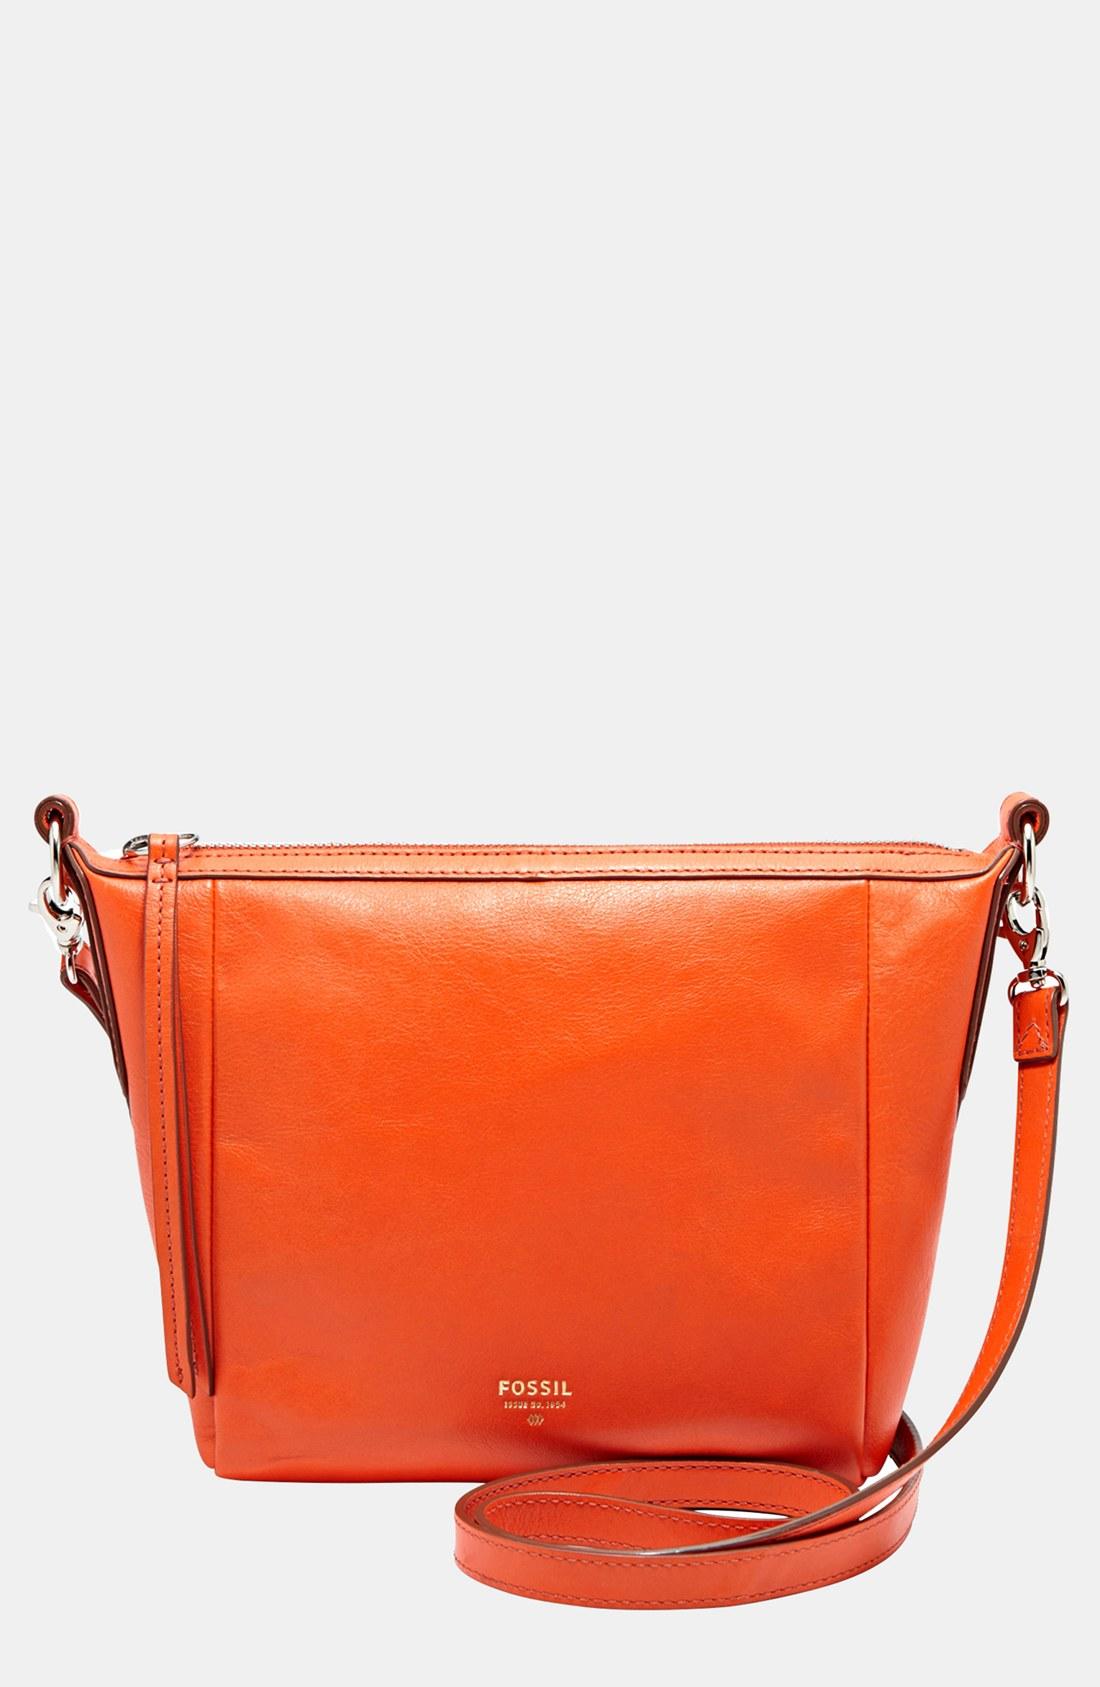 fossil sydney crossbody bag in orange bright orange lyst